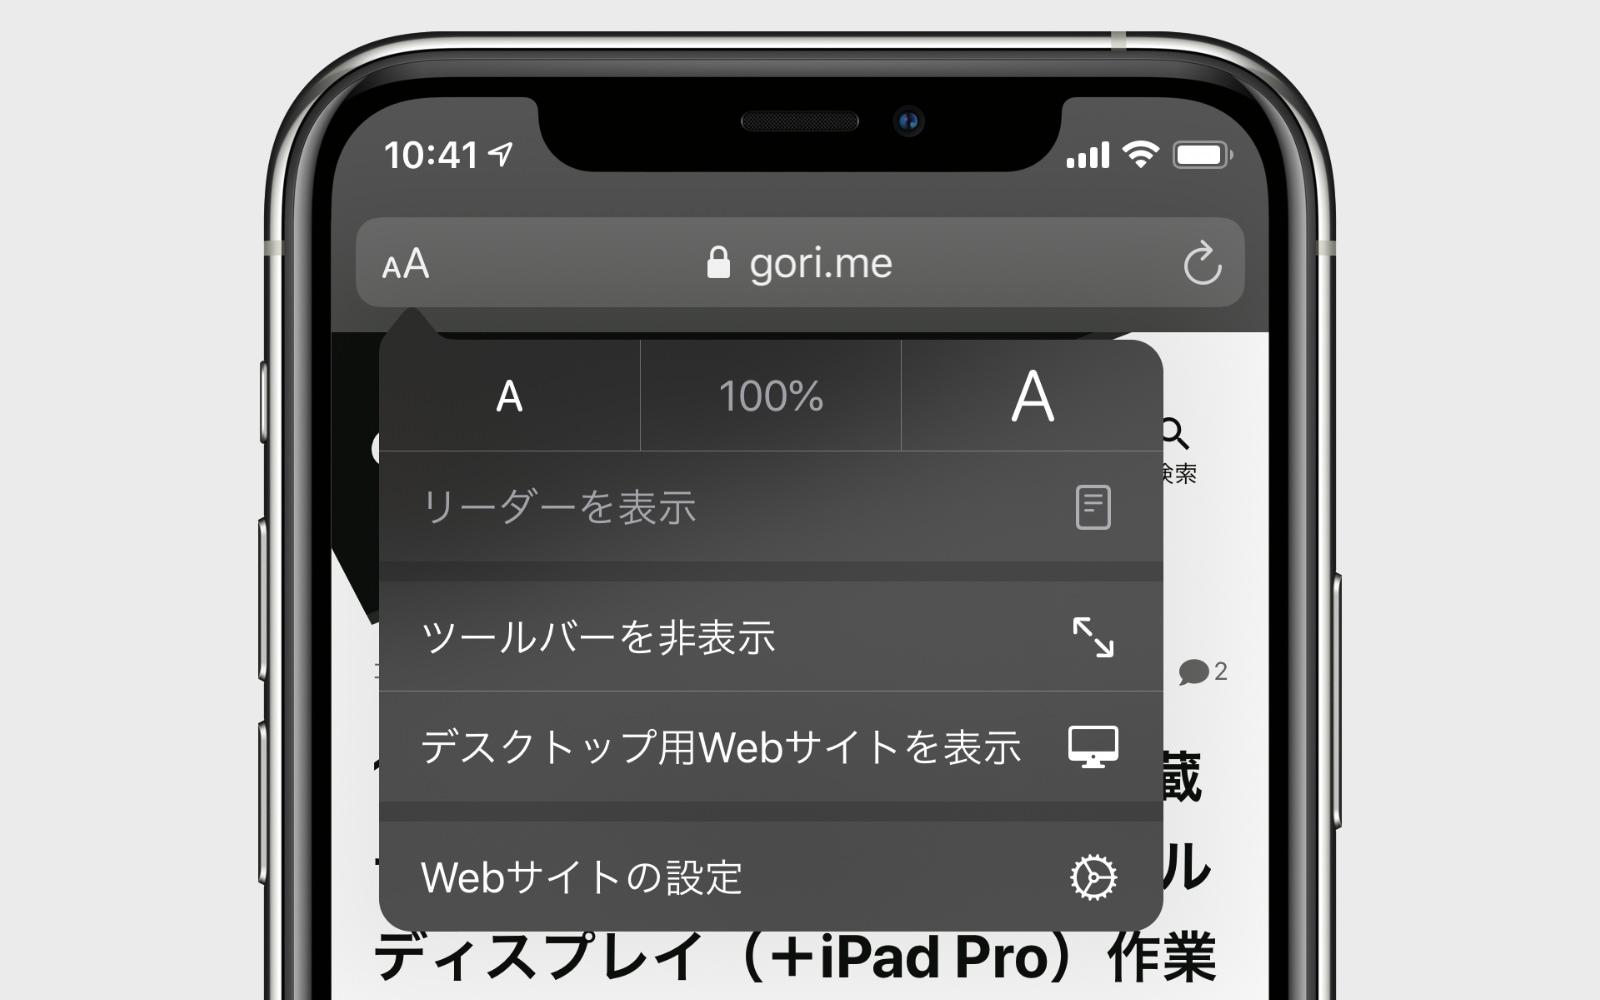 Safari-iPhone-settings.jpg